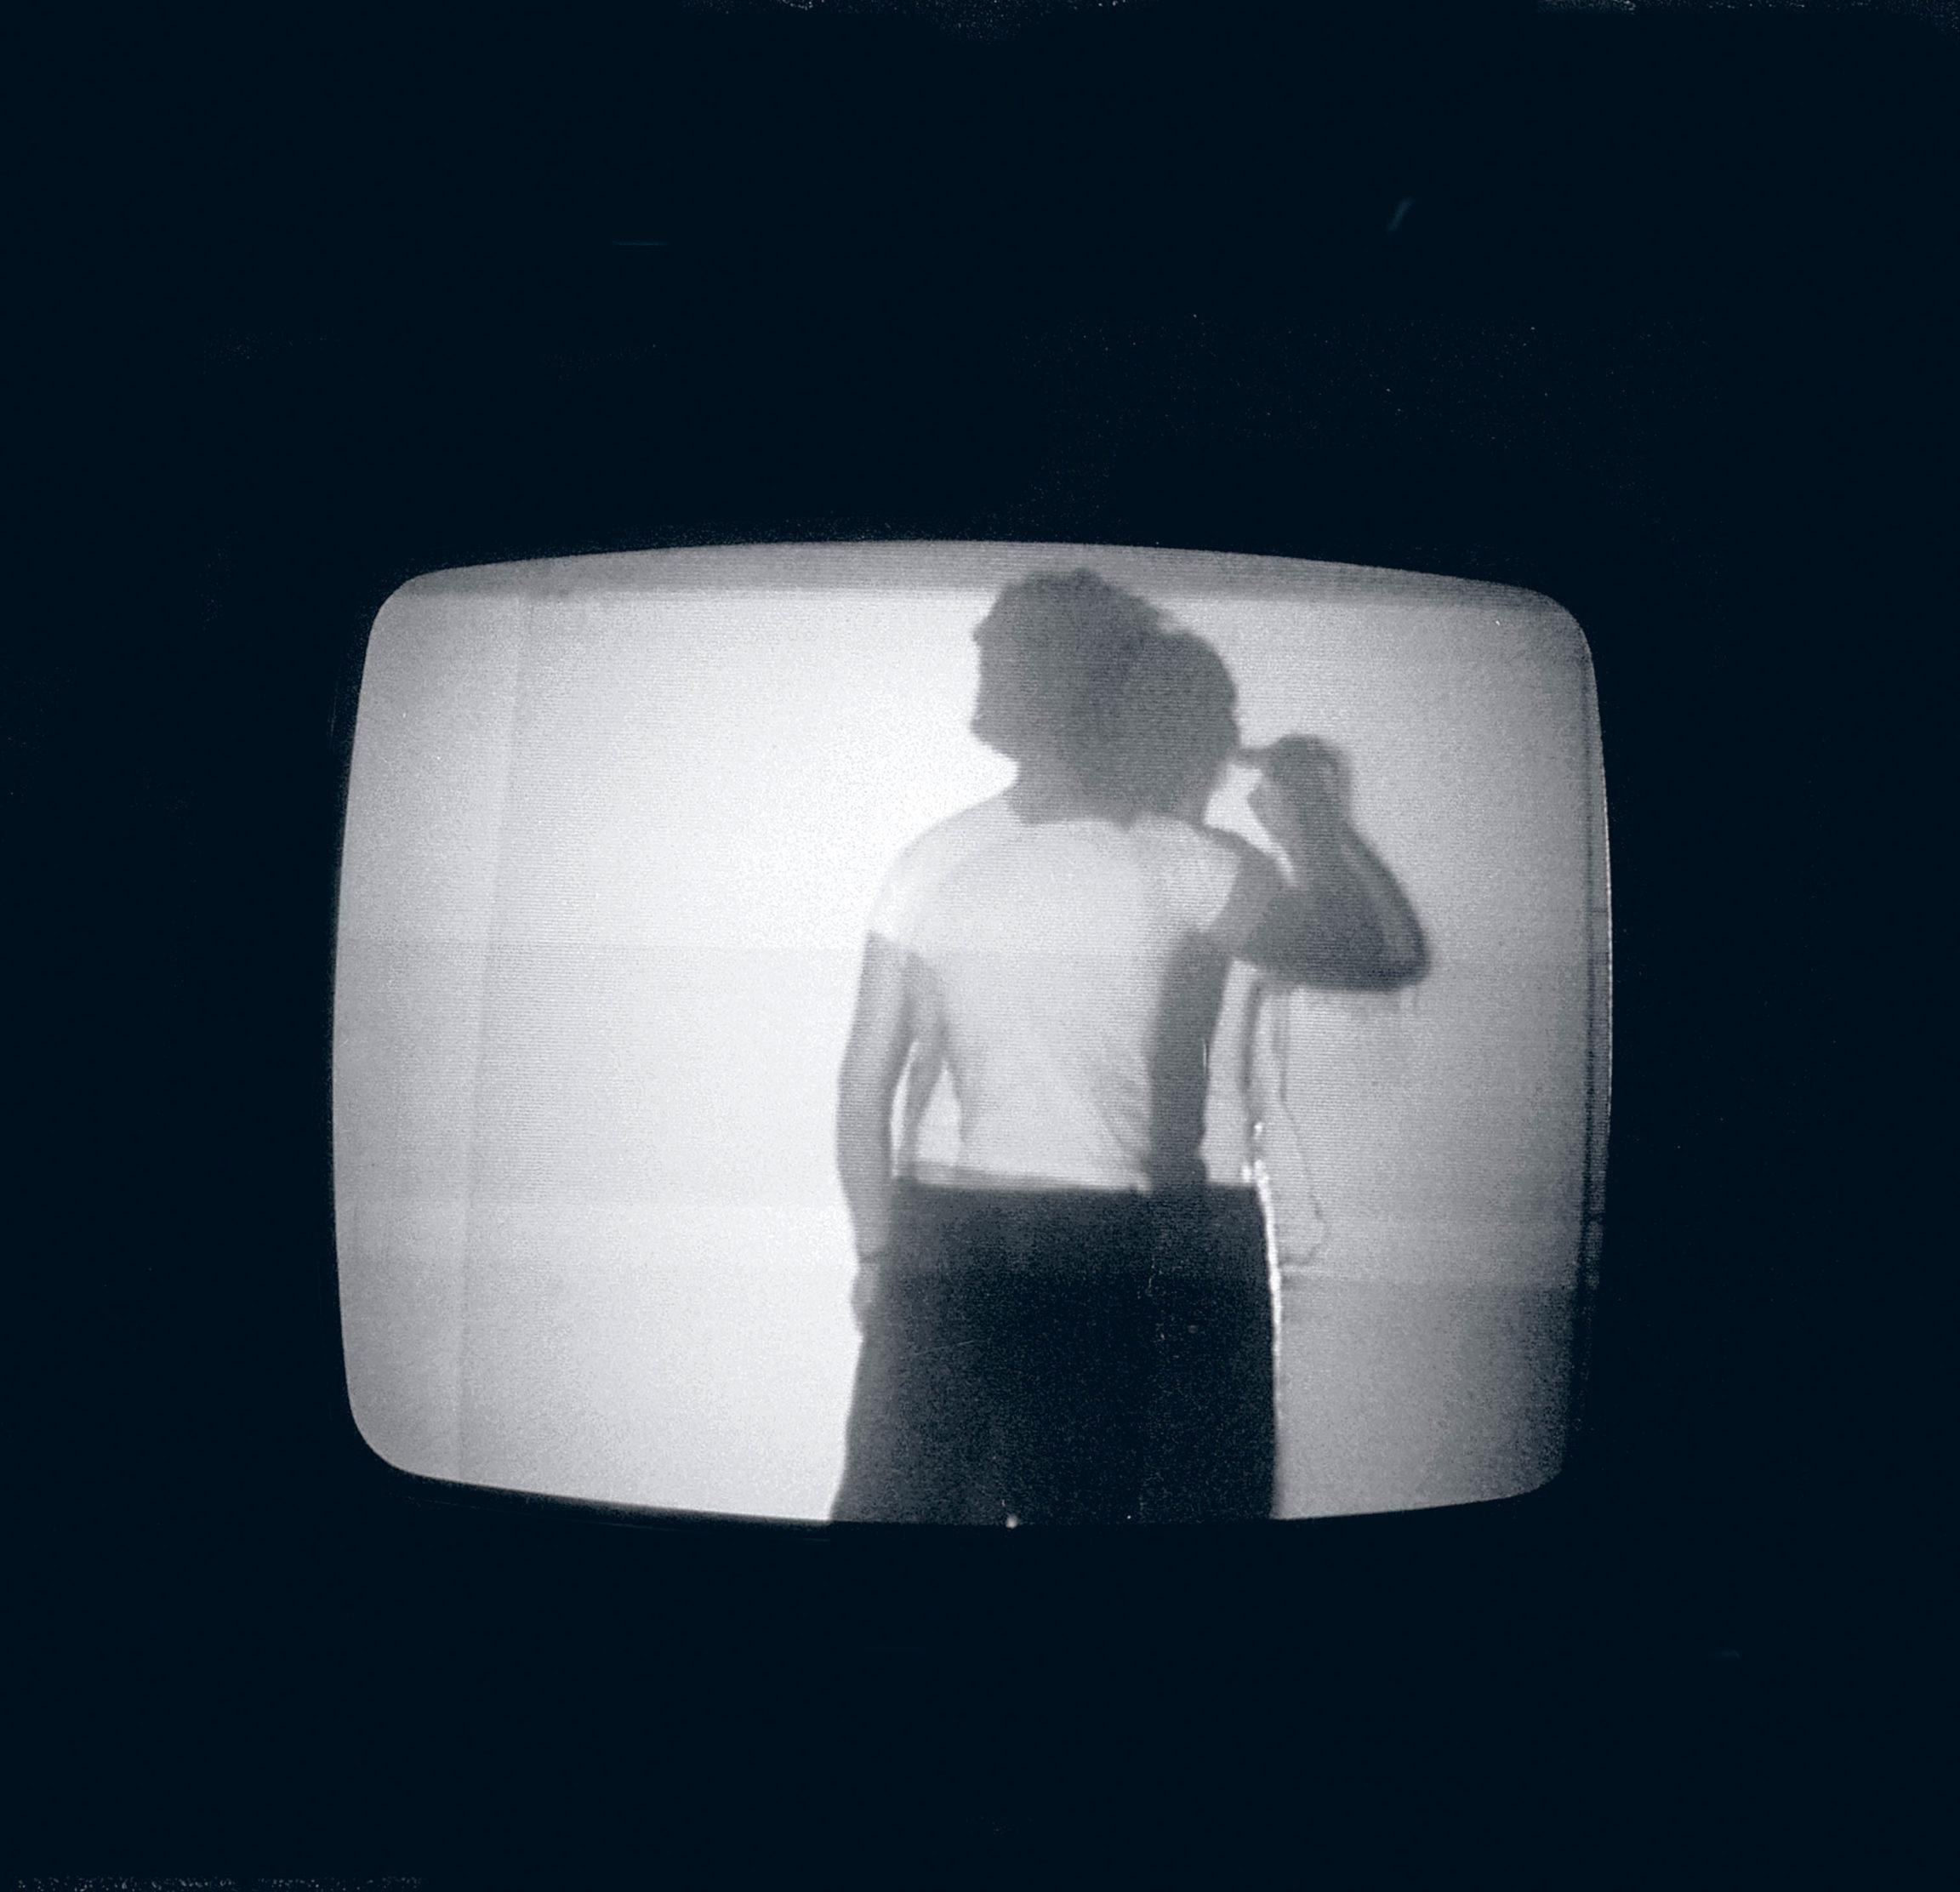 Jean Otth, Limite E (Limit E), 1973